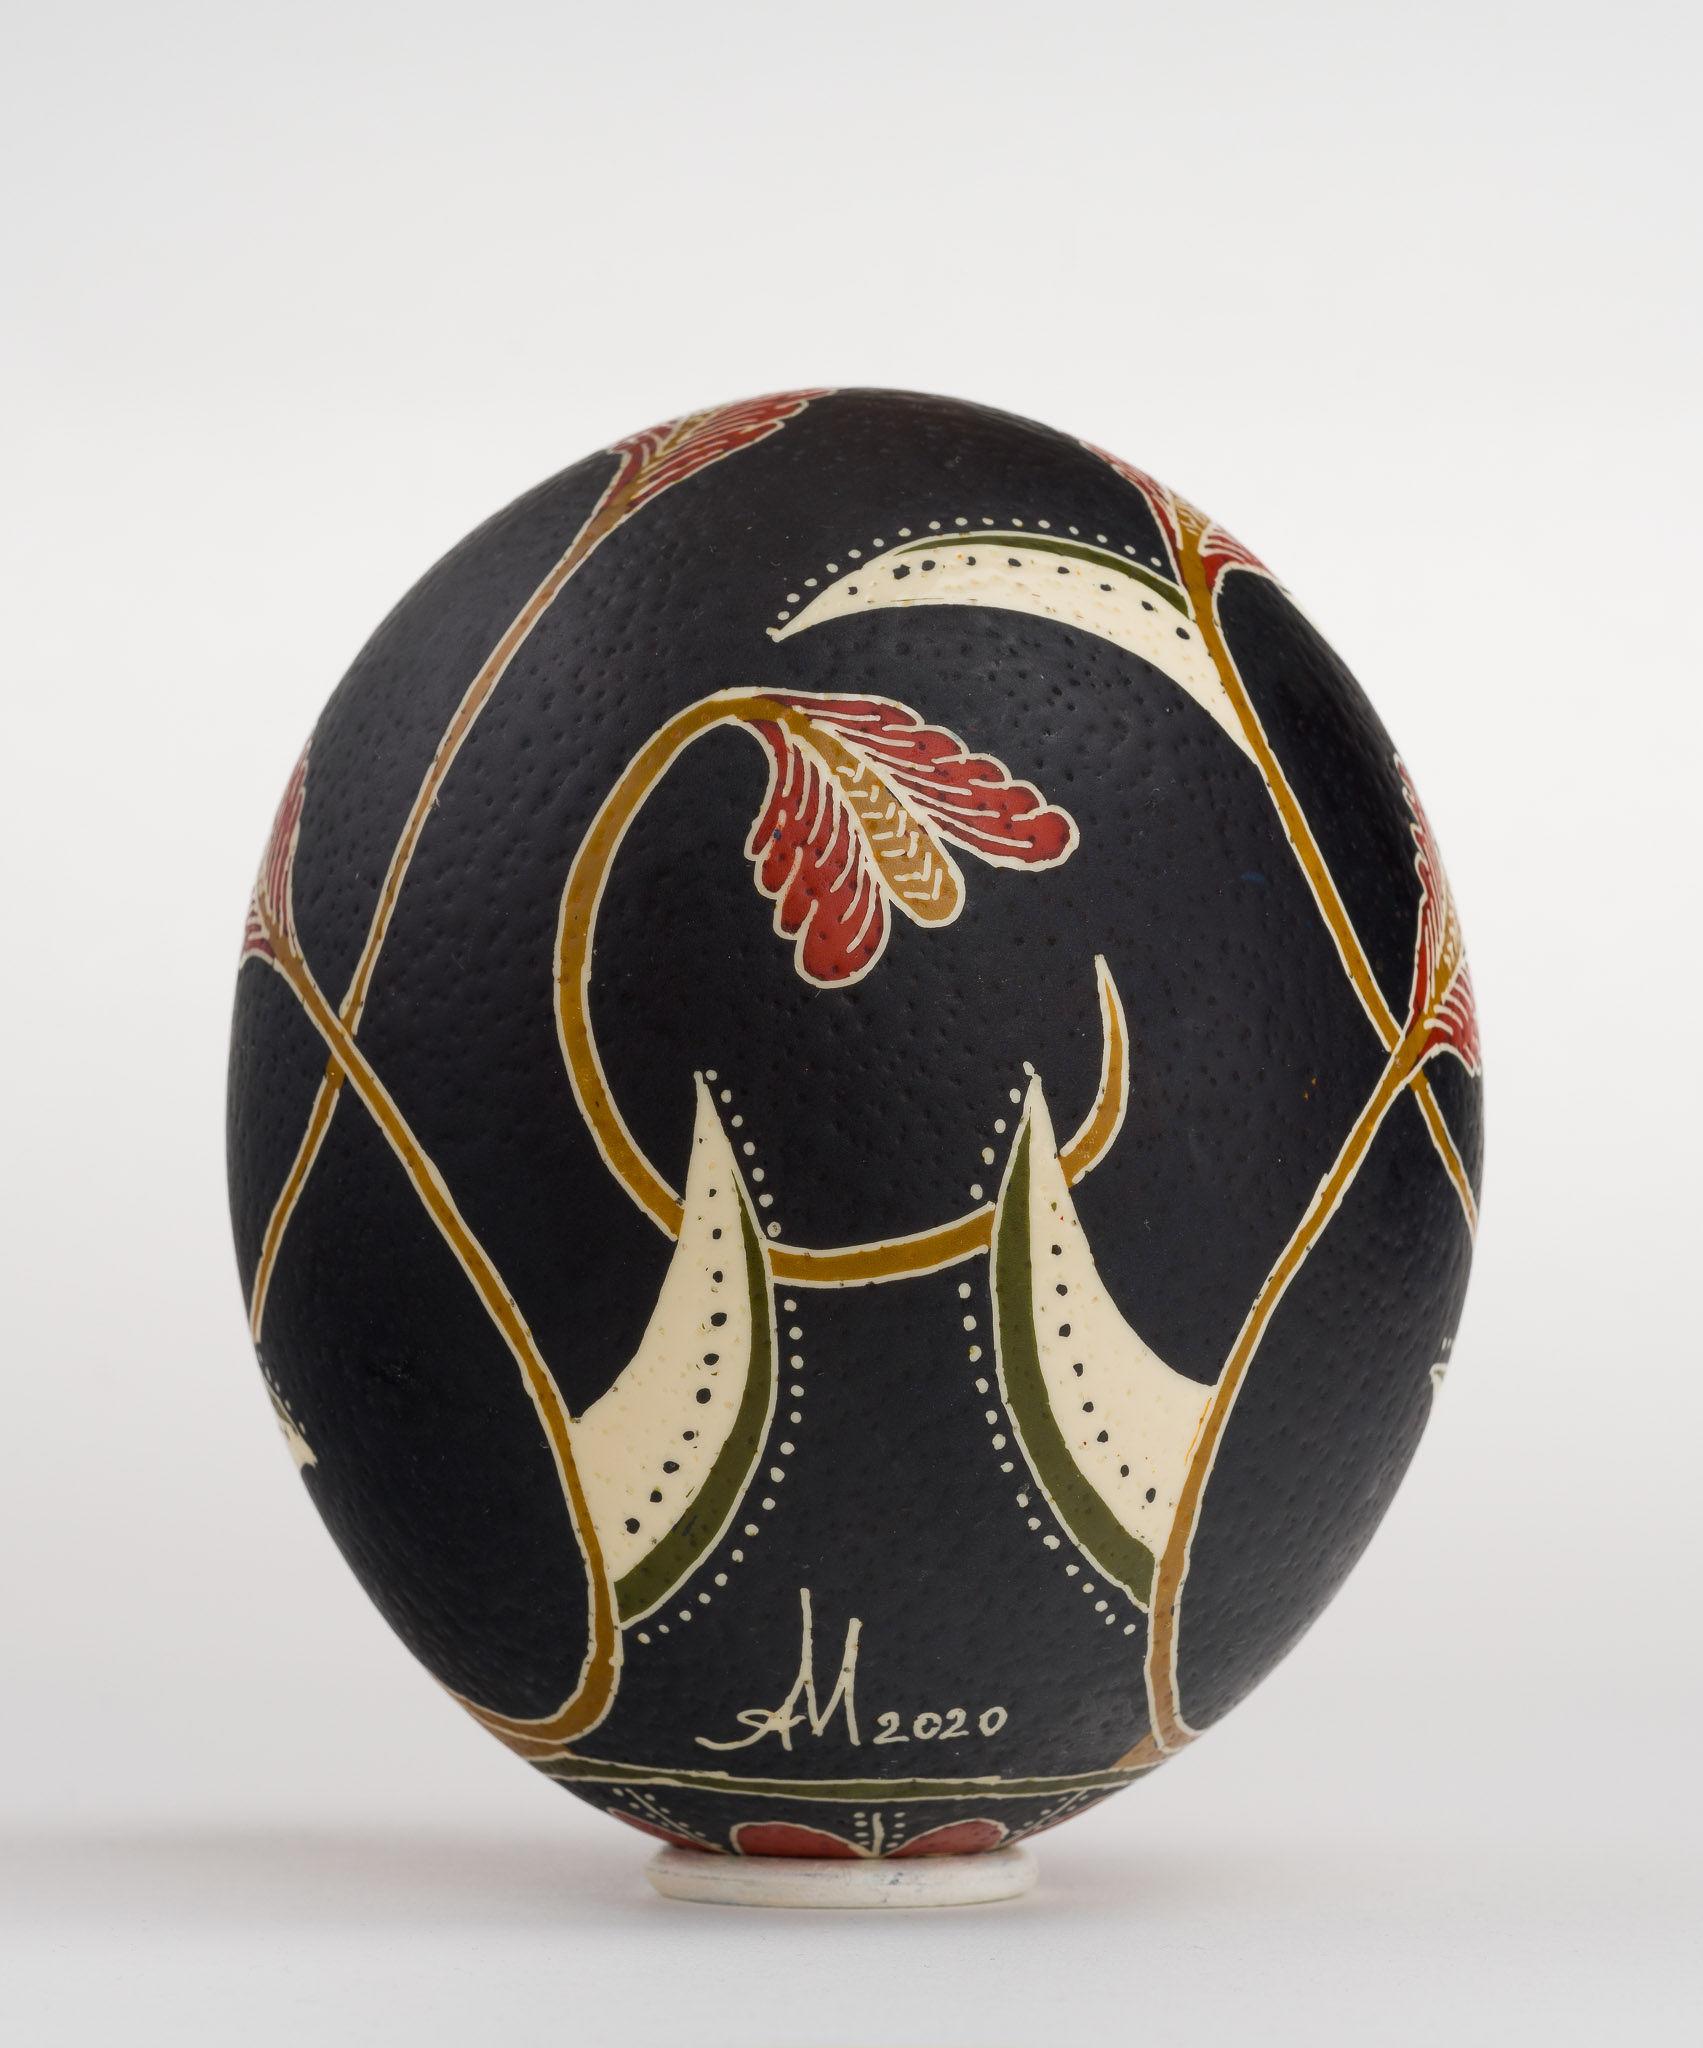 Icoană încondeiată pe ou de struț - Sfântul Nicolae - maryando-126b.jpg